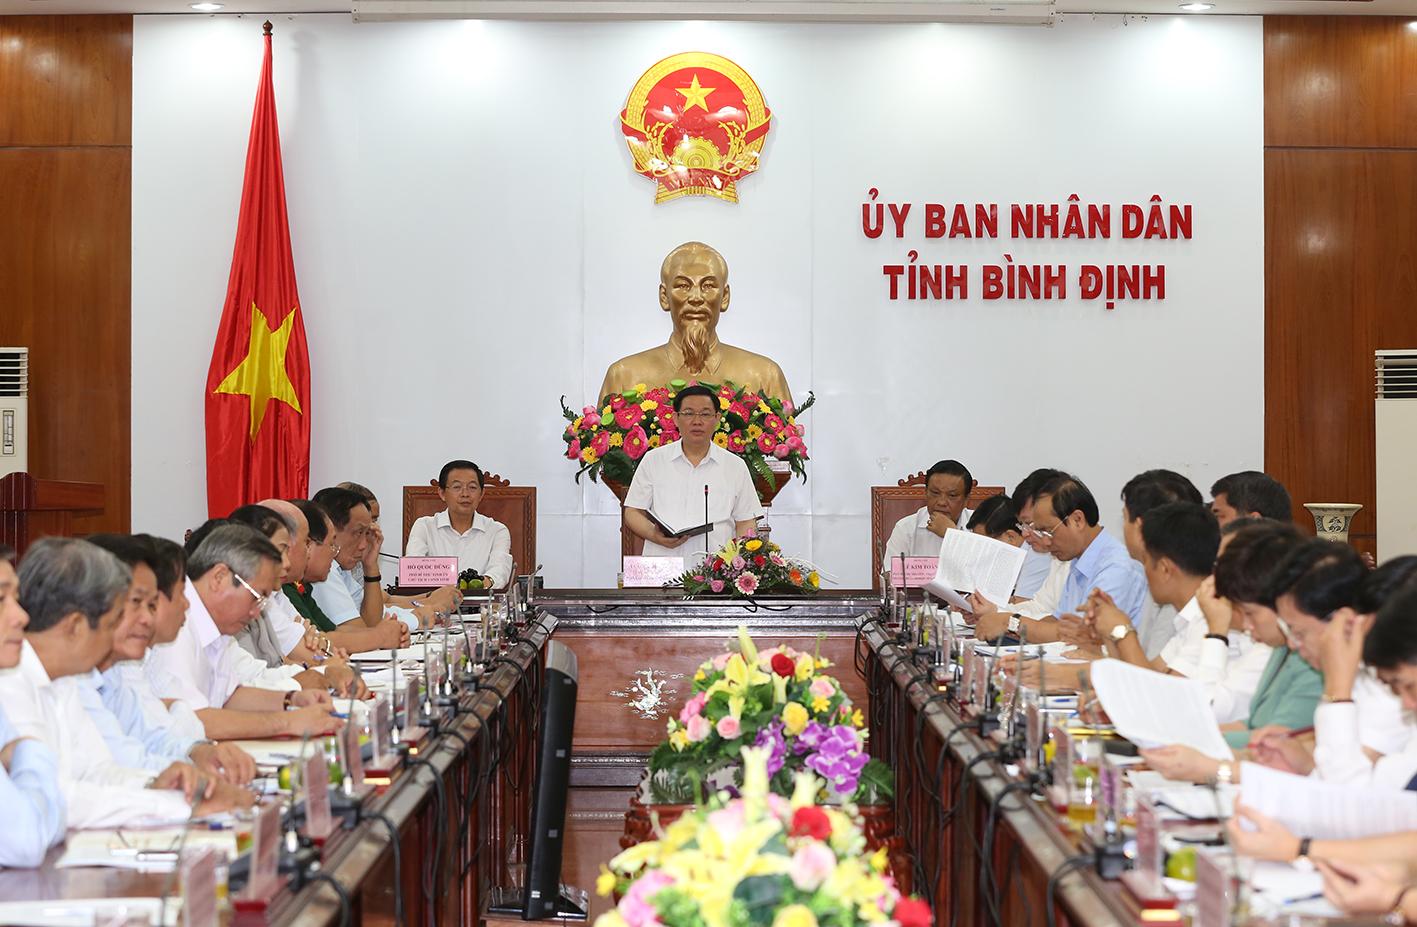 Bình Định cần bắt tay xây dựng Đề án phát triển du lịch